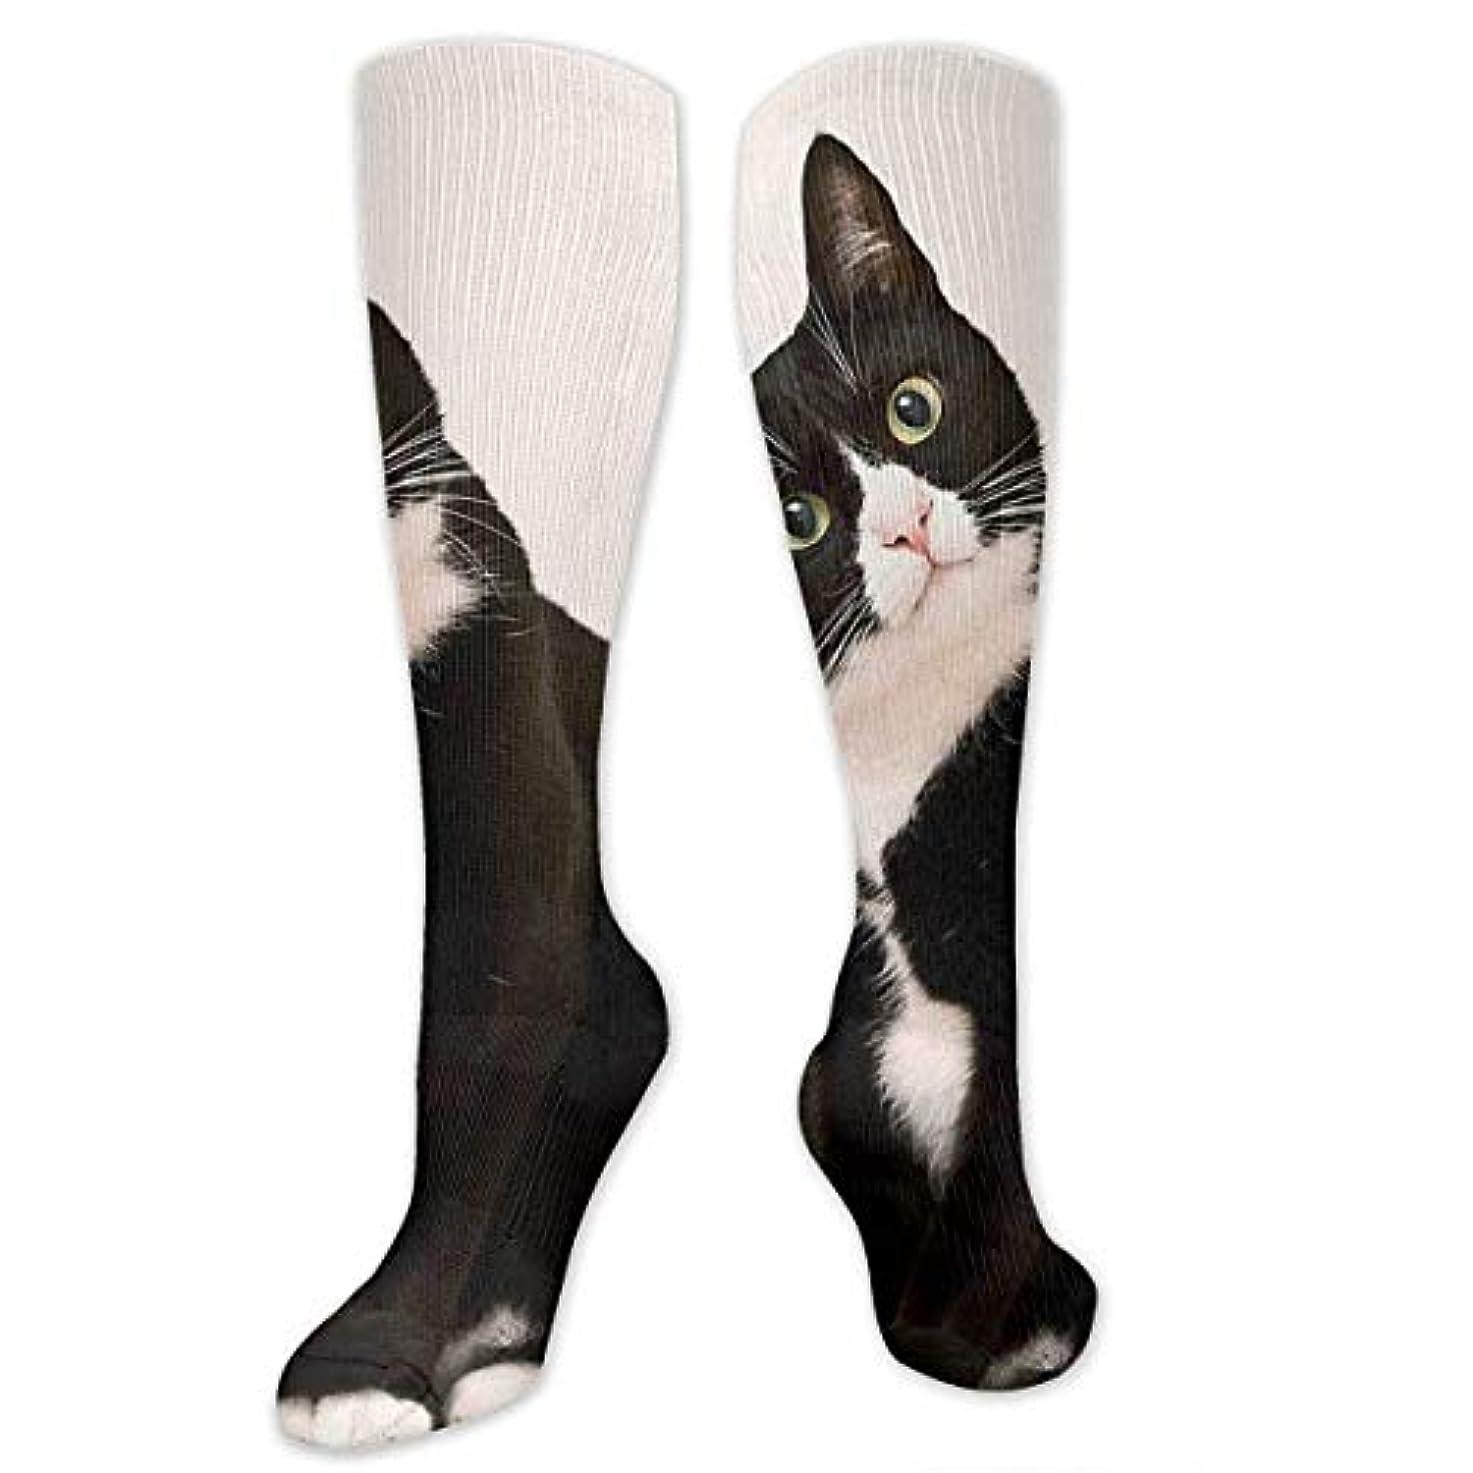 ディベート噂ディベートストックフォト- Qrriyレディース黒と白猫ソフトクリスマス膝高ストッキングスリッパソックス、クリスマス楽しいカラフルな靴下